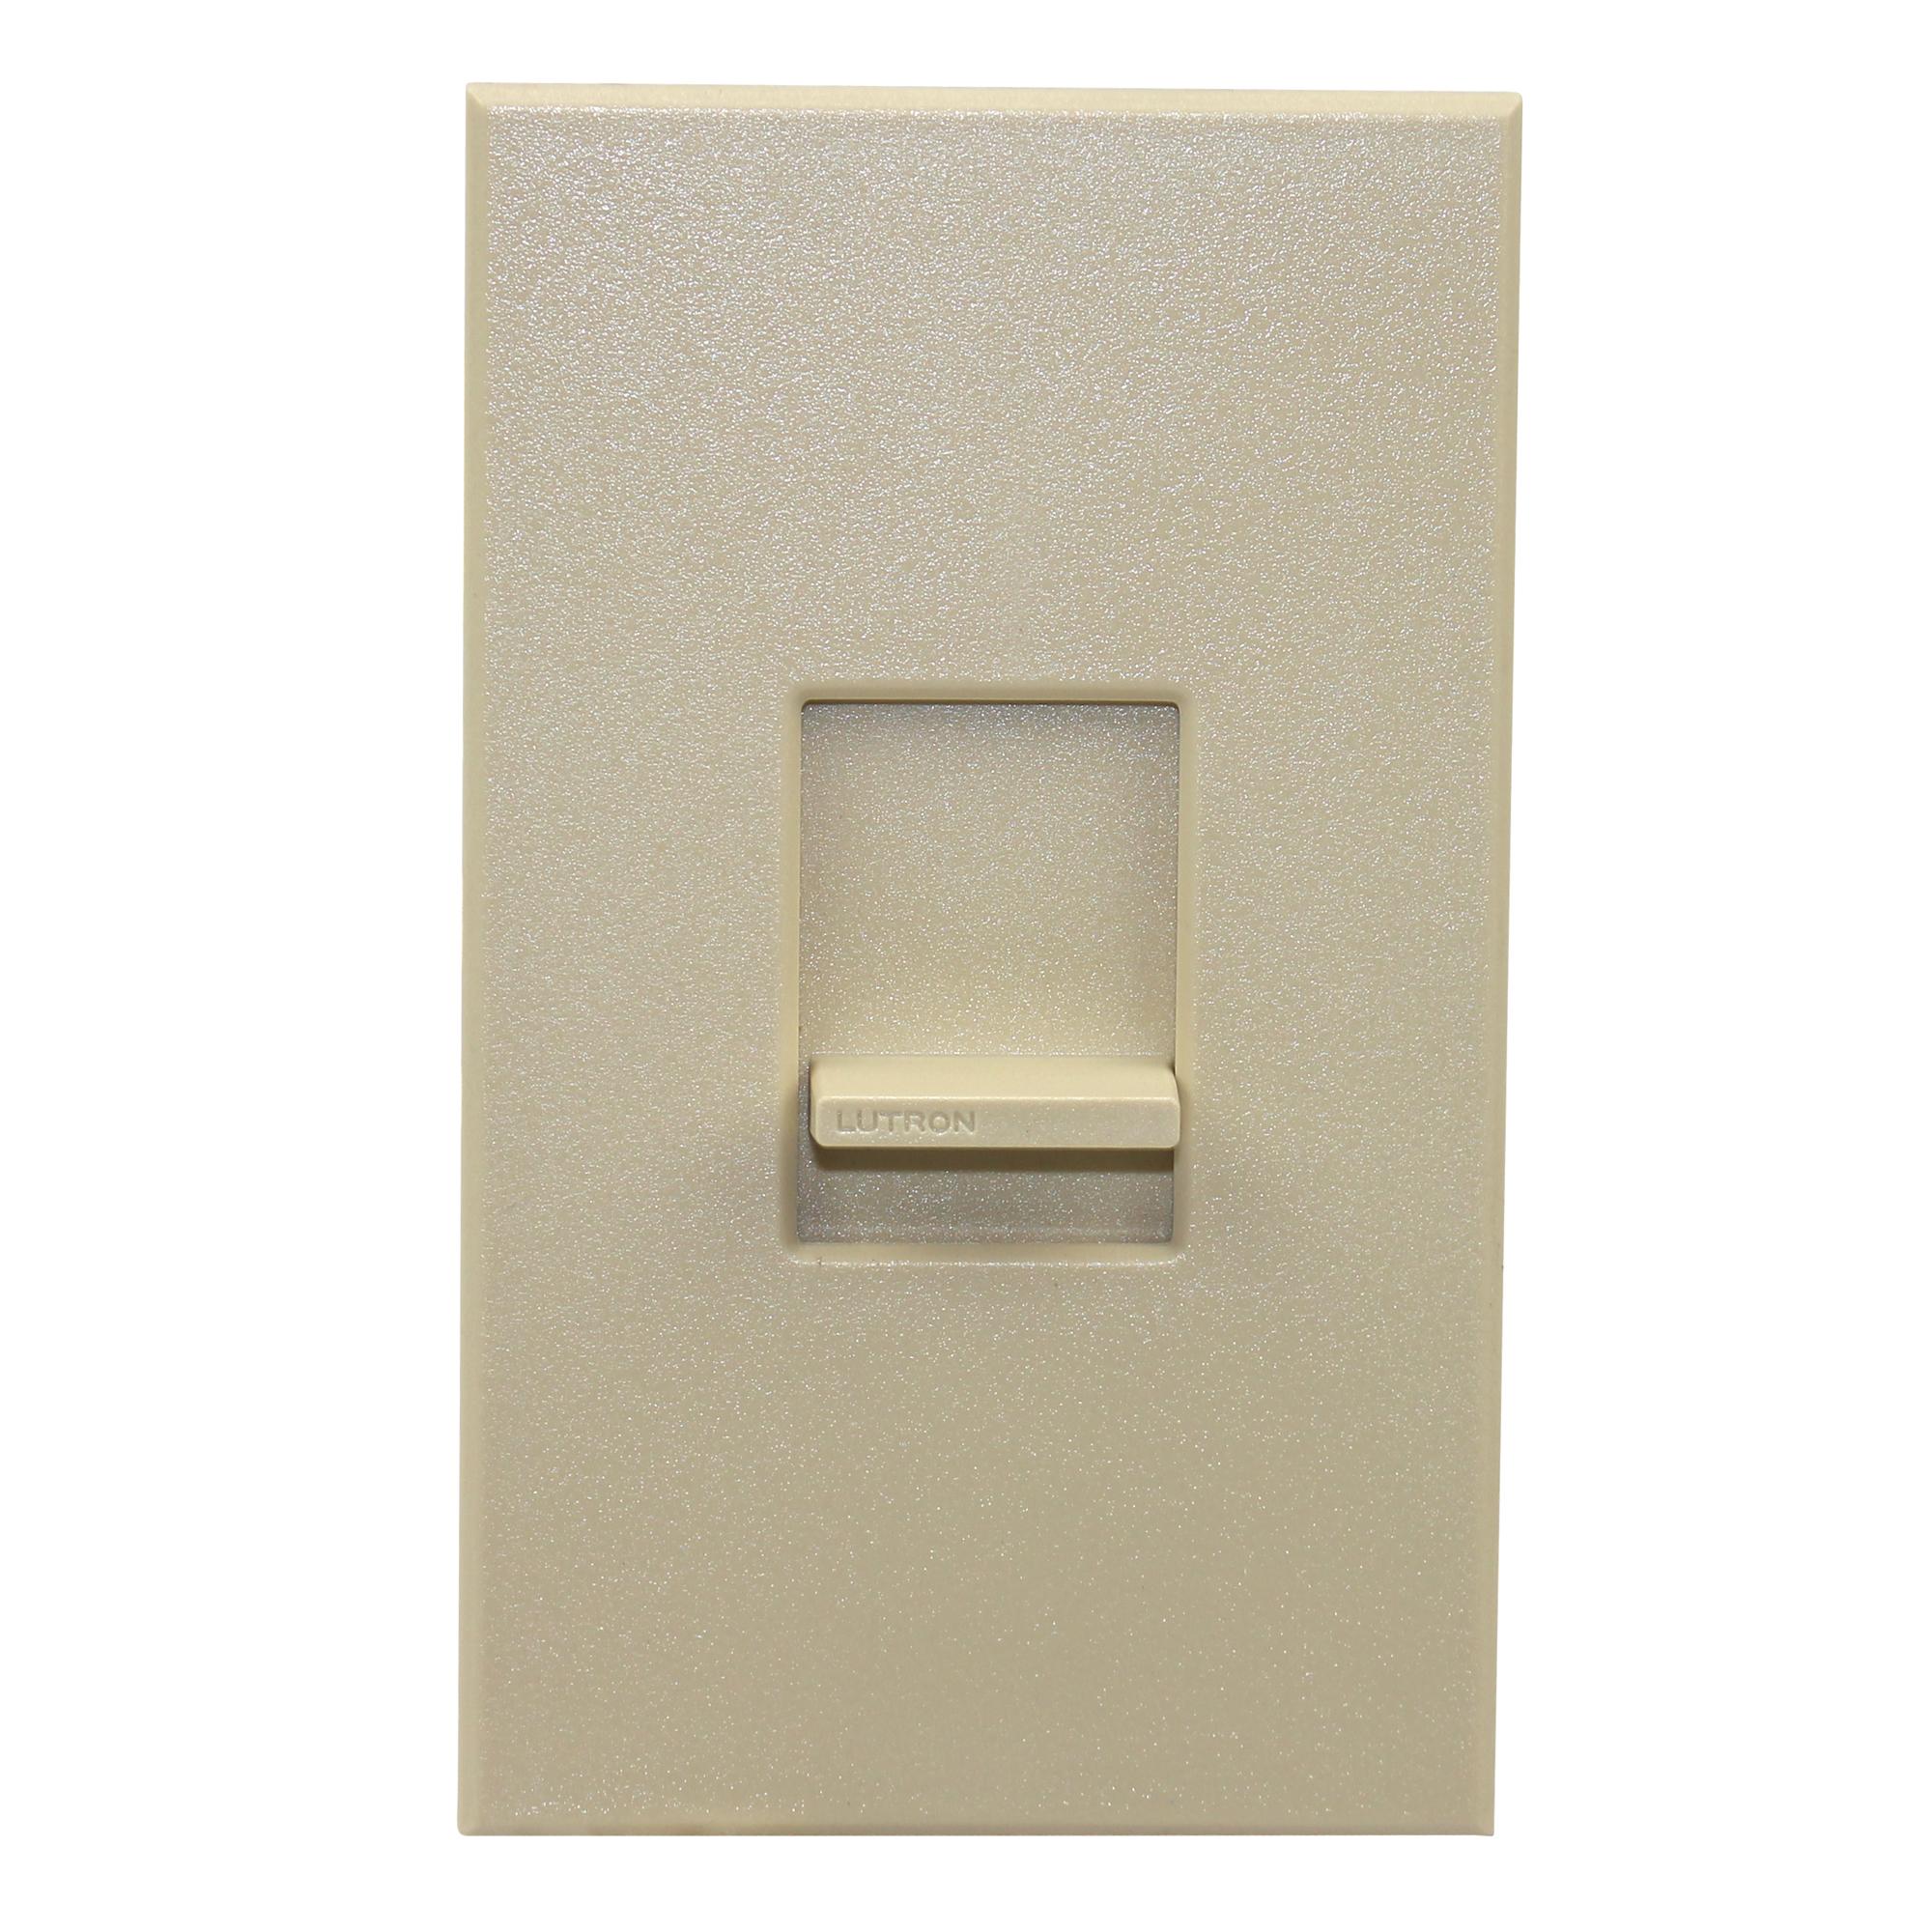 lutron nf 10 iv nova 120v 16a fluorescent 3w hi lume. Black Bedroom Furniture Sets. Home Design Ideas